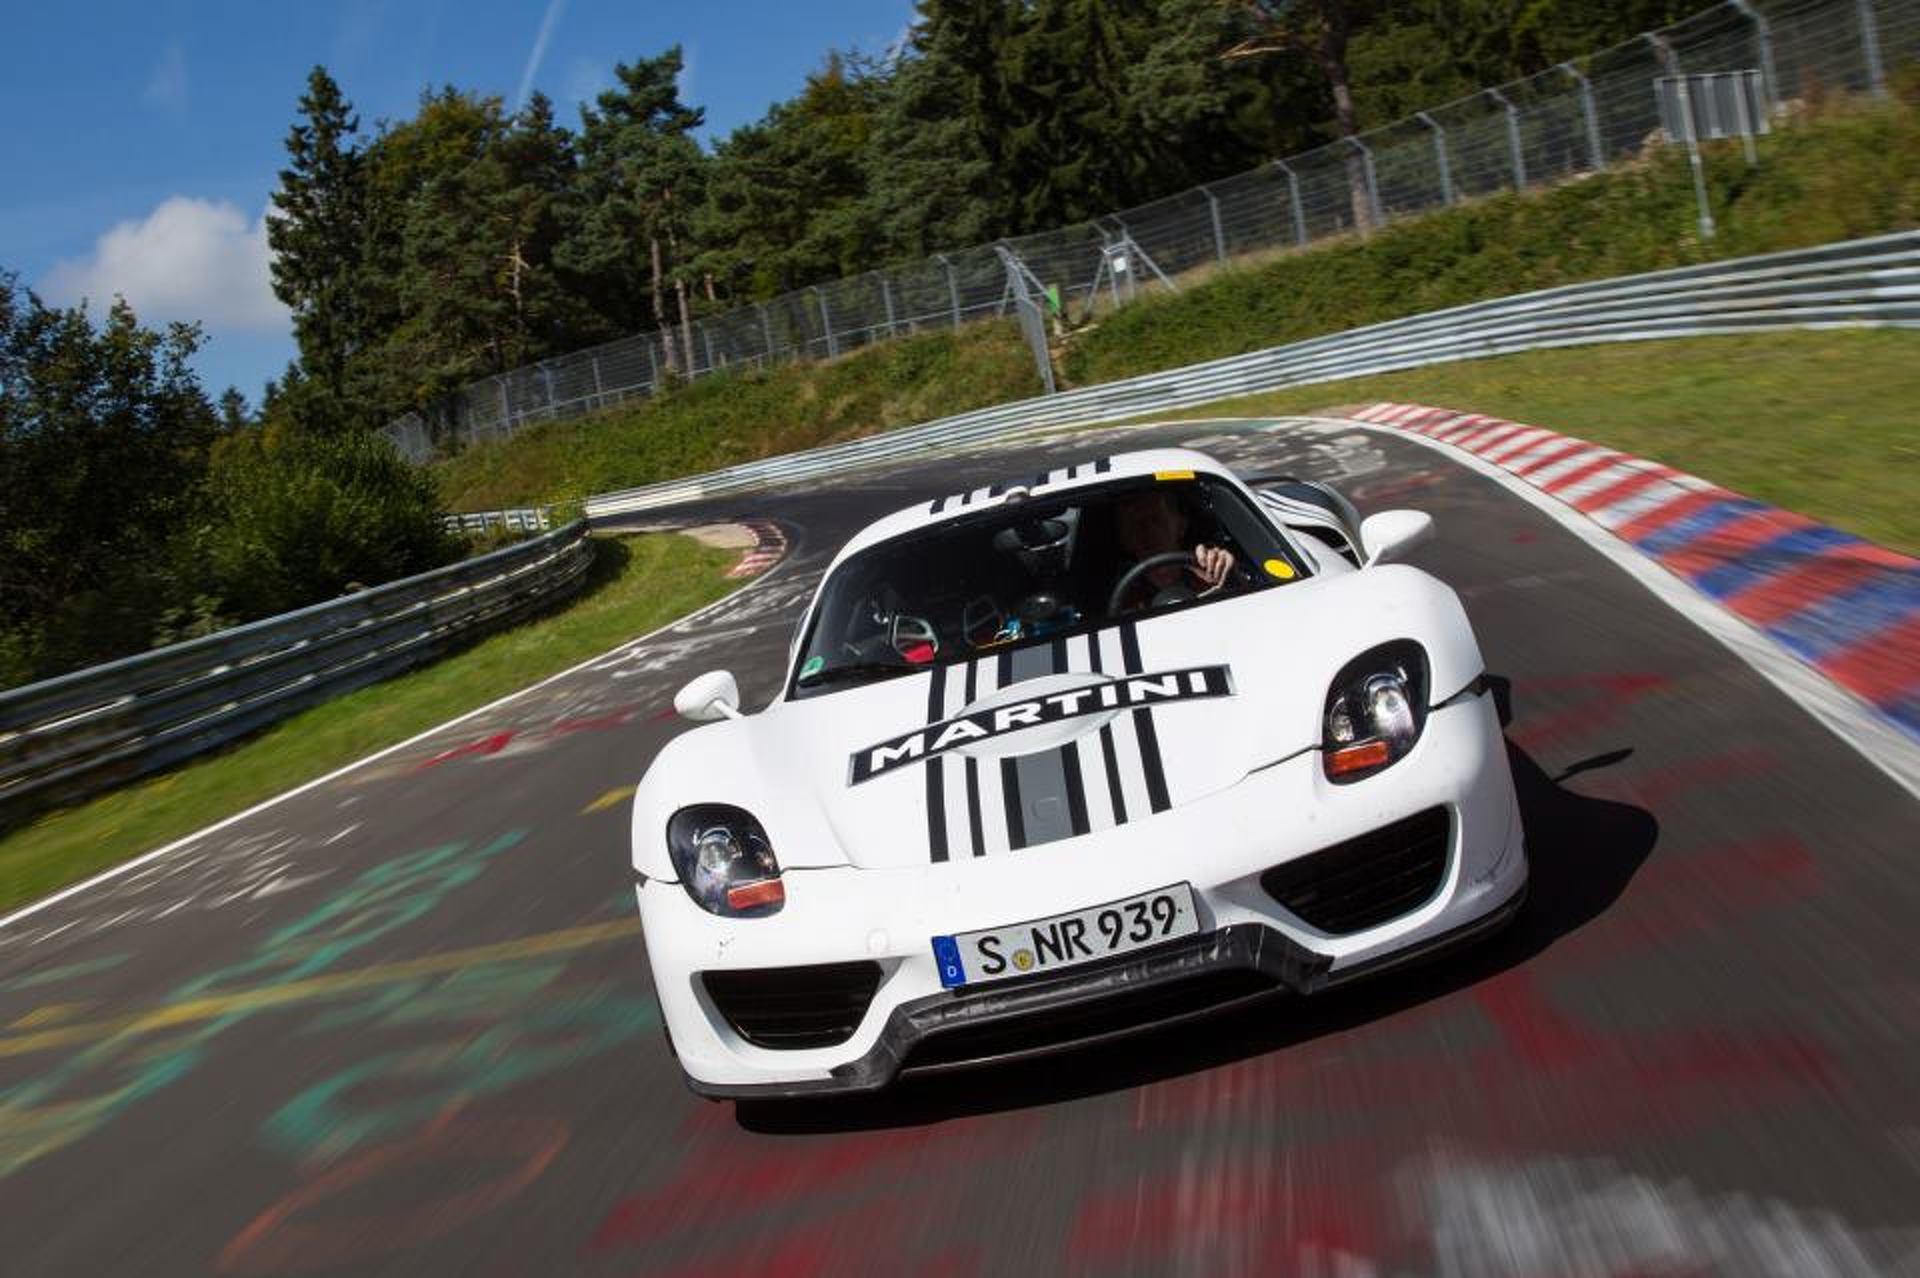 porsche-918-spyder-completes-714-run-on-nurburgring-nordschleife Amazing Porsche 918 Spyder at Nurburgring Cars Trend